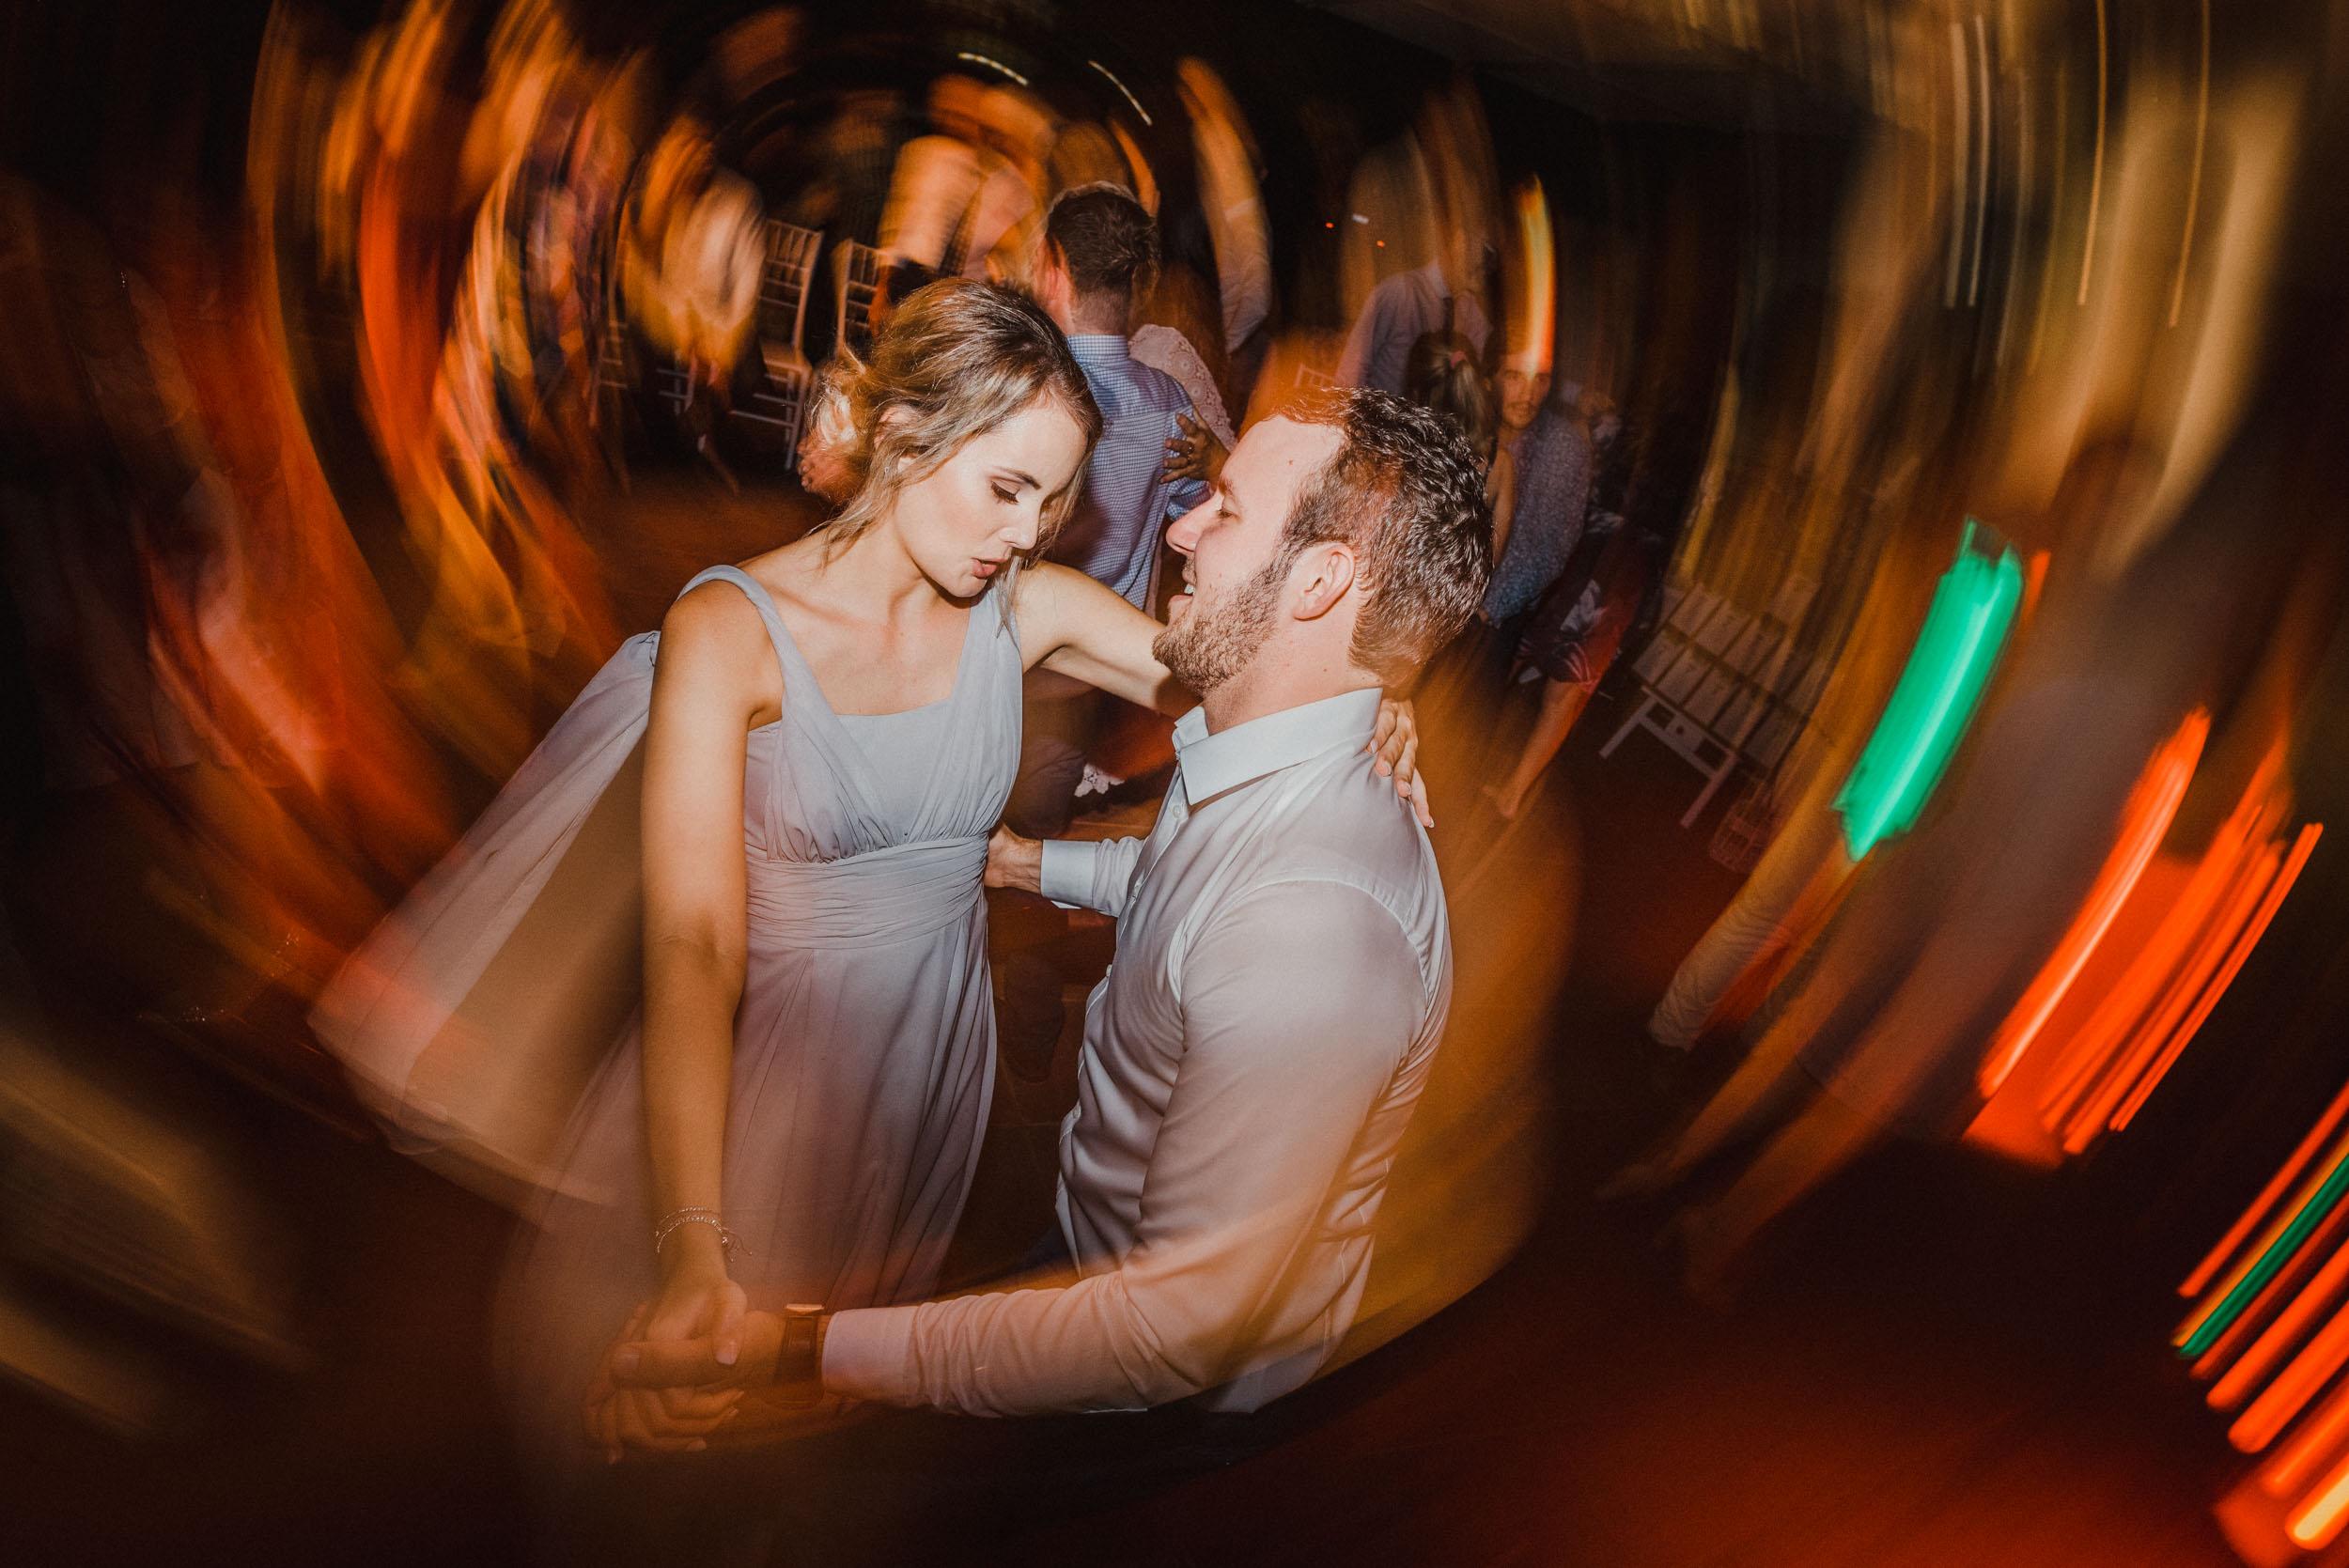 The Raw Photographer - Port Douglas Wedding Photographer - St Mary Church - Cairns Beach Photos-61.jpg